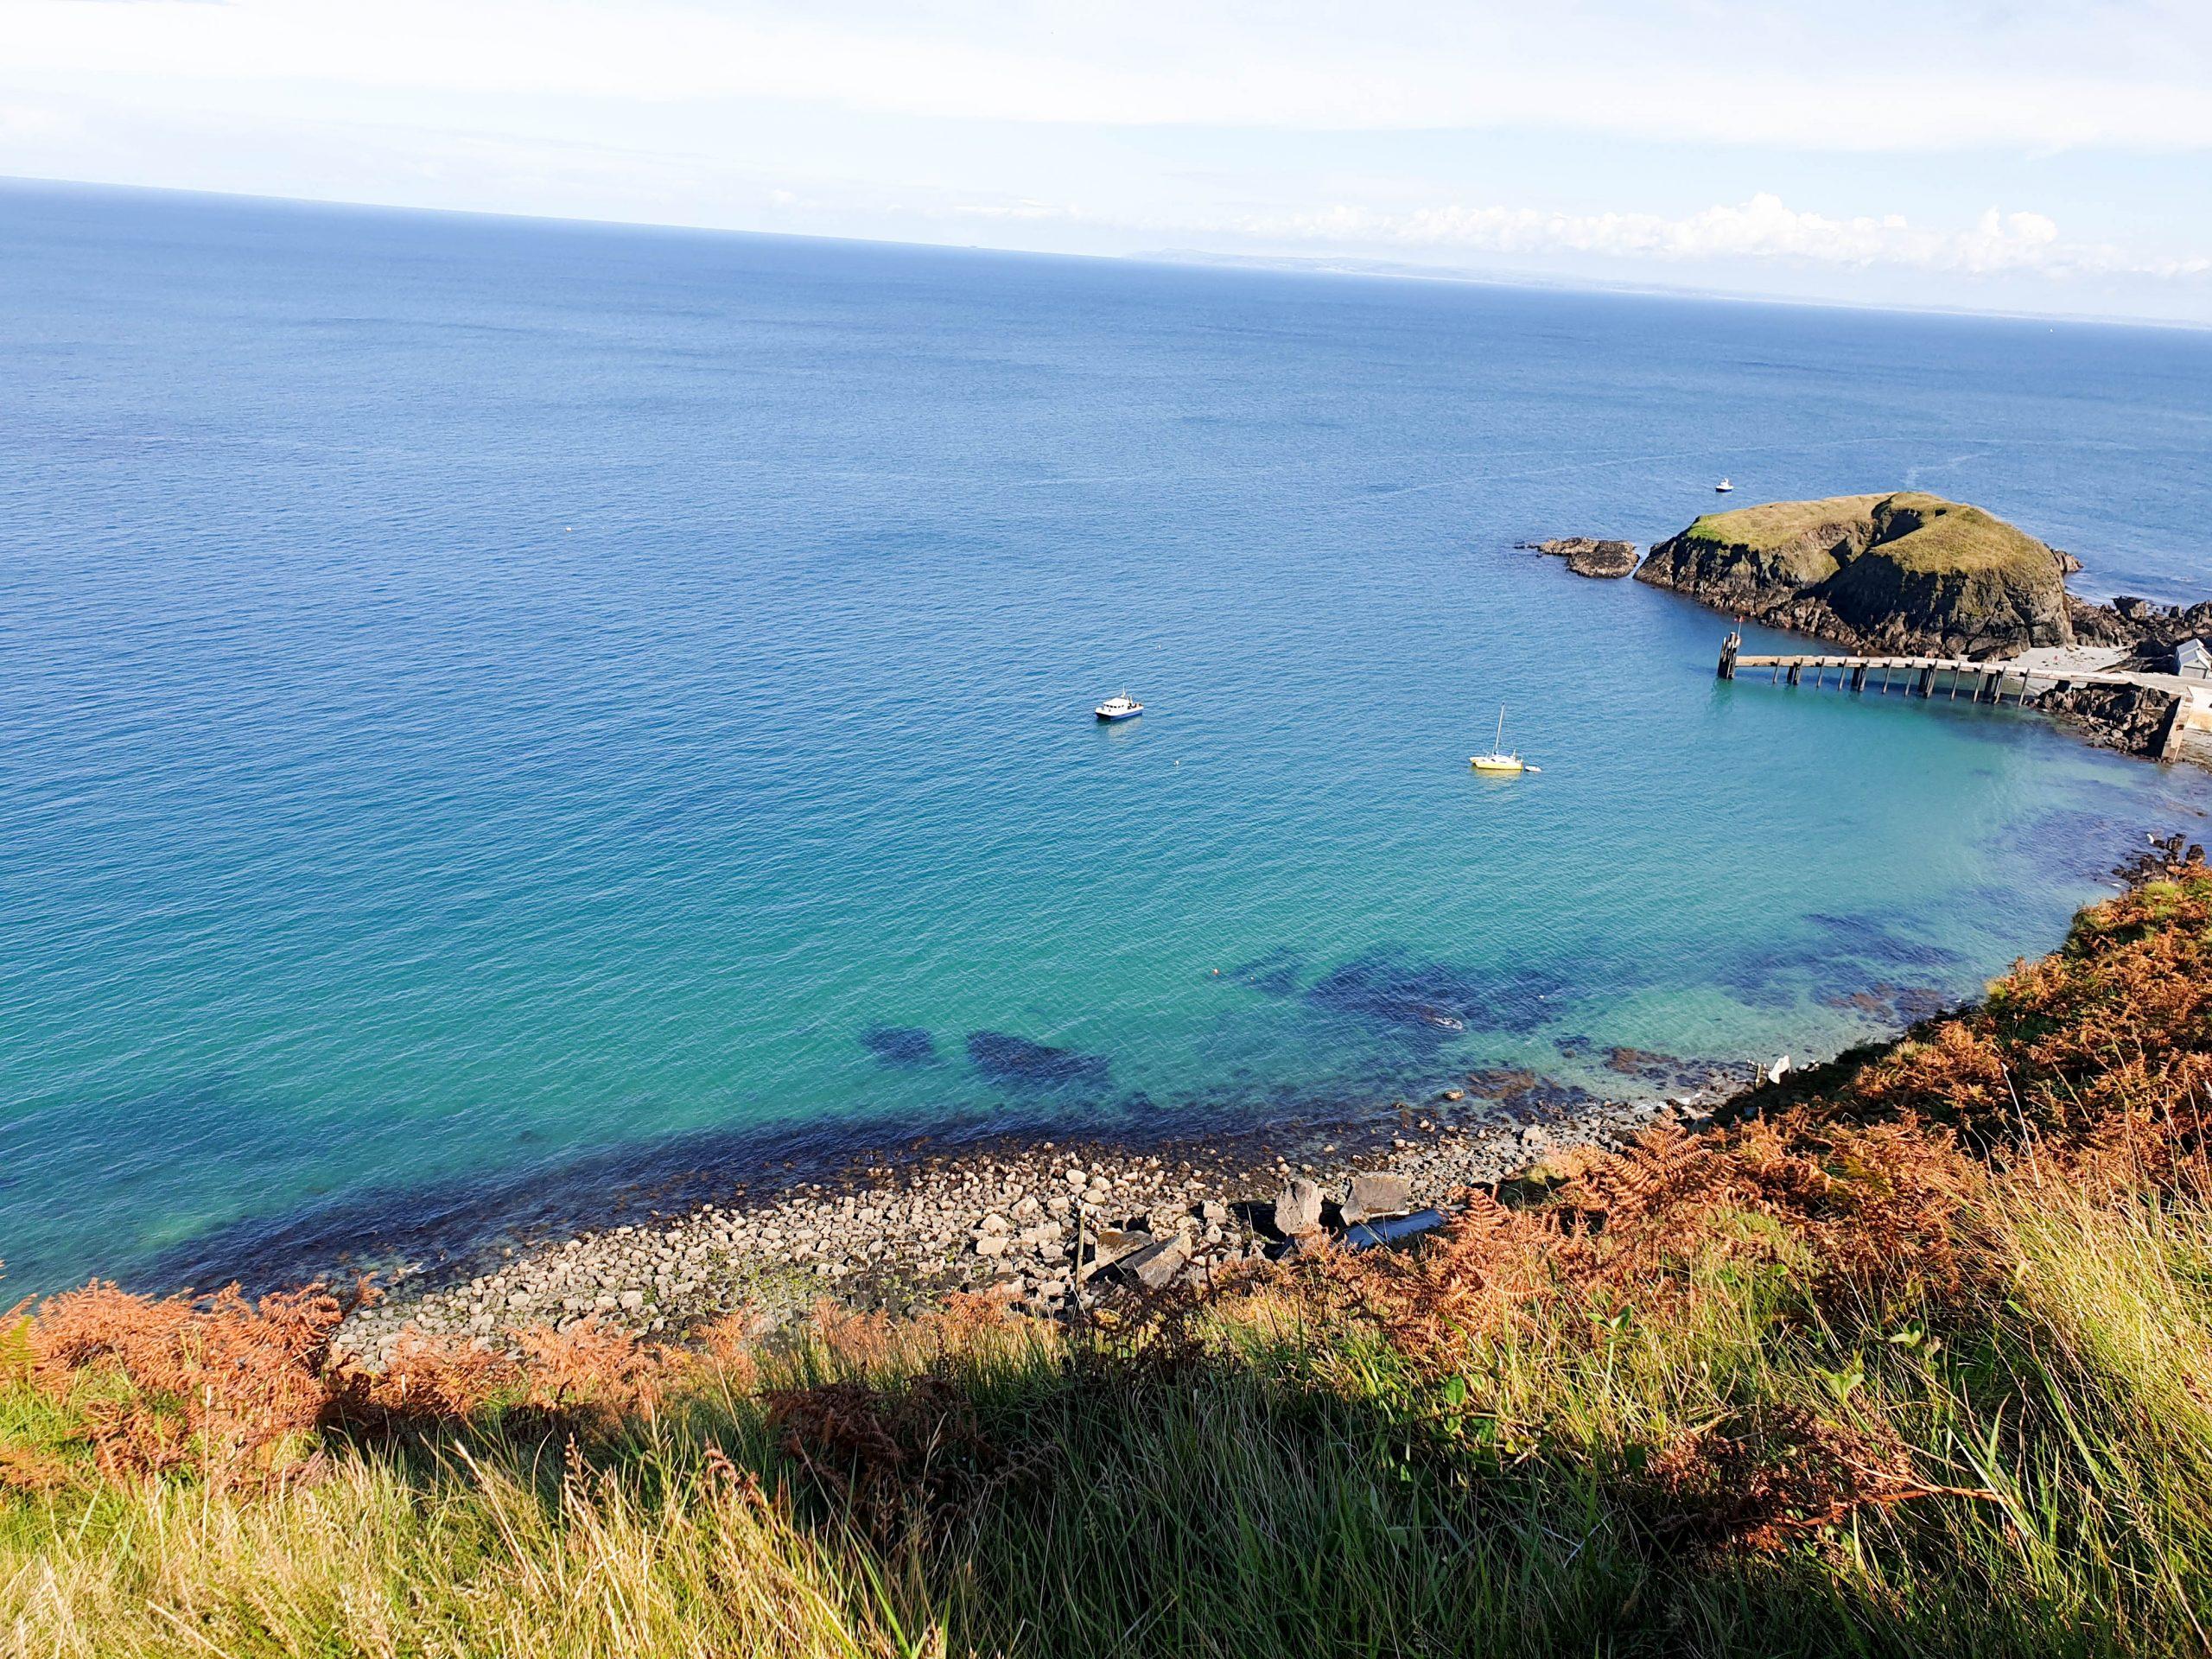 Sea by Lundy Island, North Devon